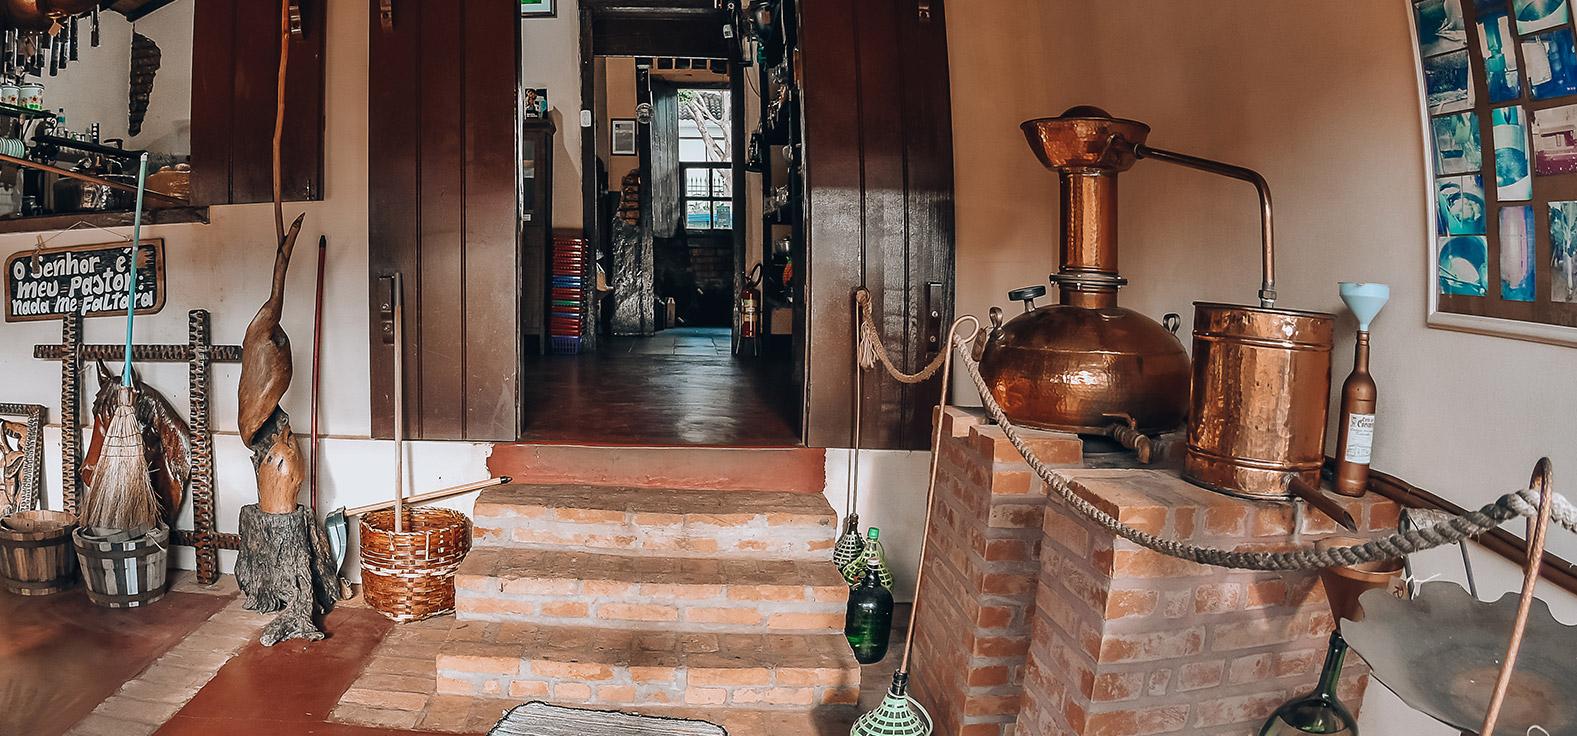 Casa da Cachaça em Brotas | Portal Serra do Itaquerí